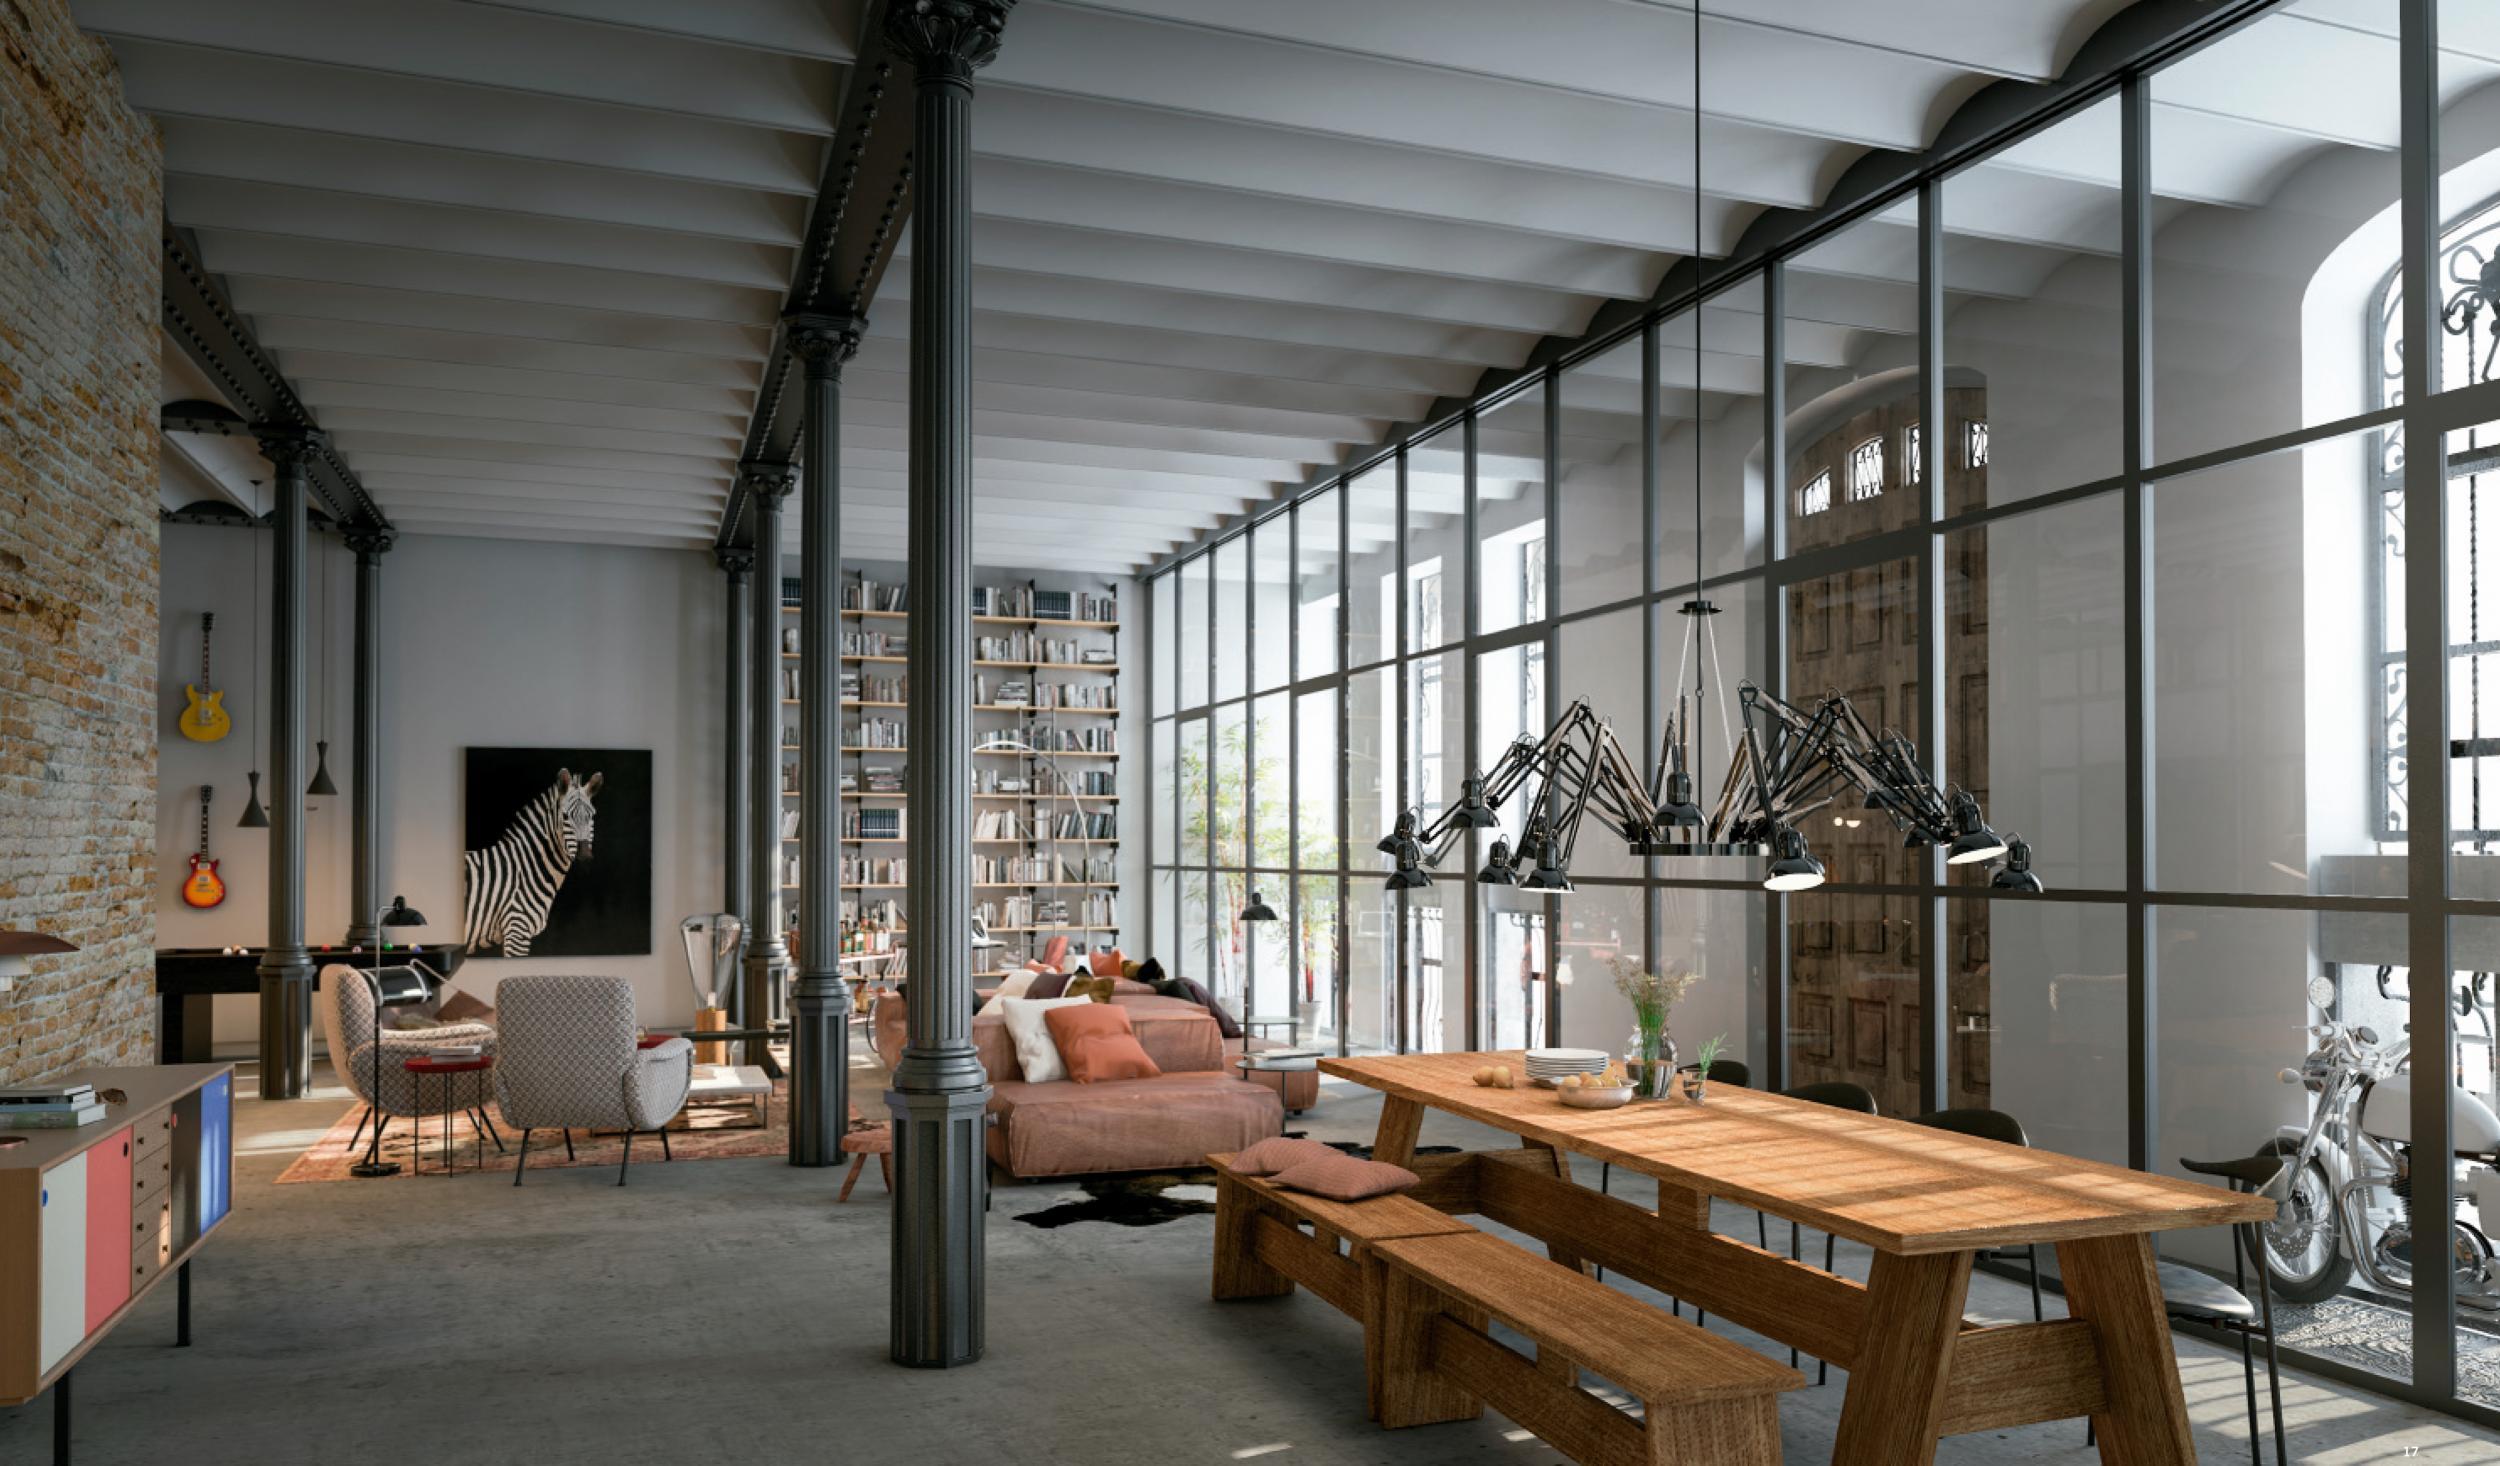 Diseño Interior Casa Burés vilablanch